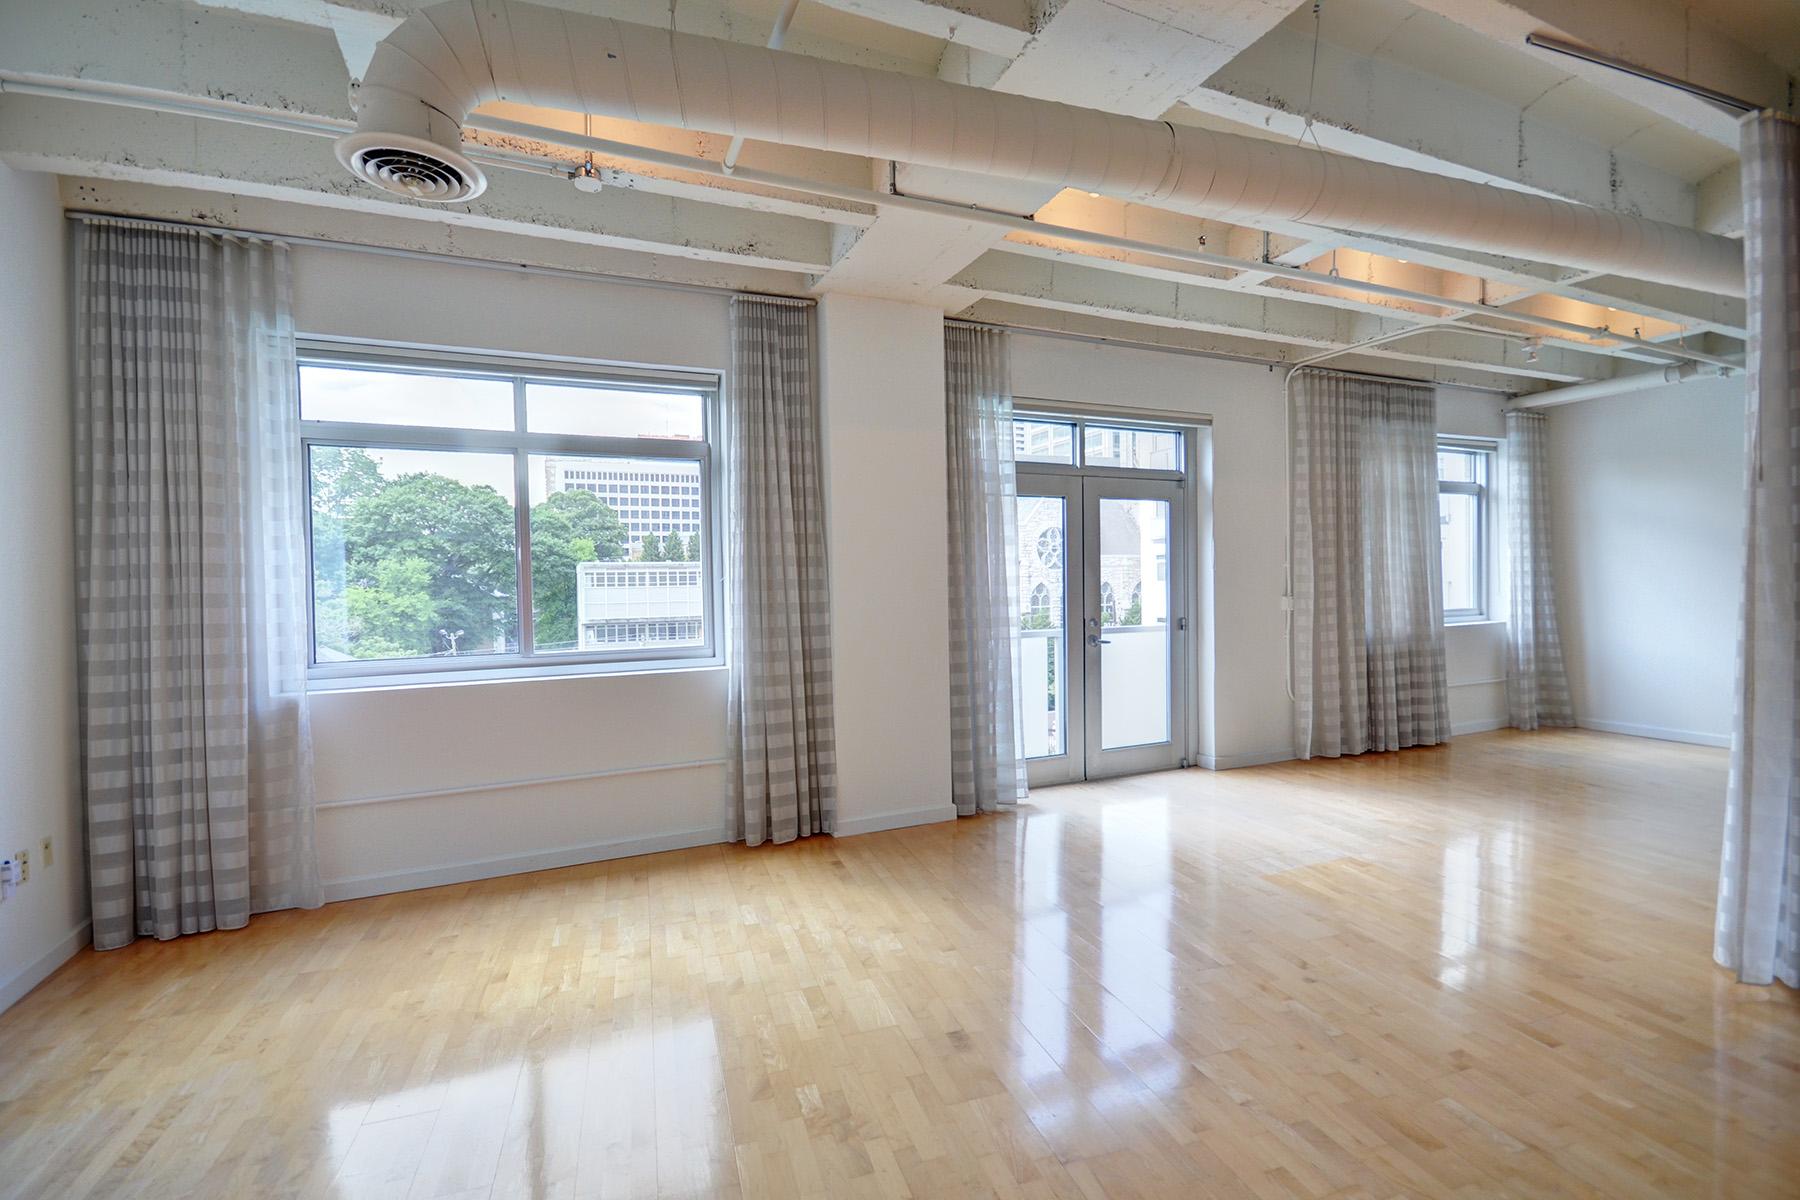 Condominium for Rent at Luxury Loft in Midtown 805 Peachtree Street #303 Atlanta, Georgia 30308 United States